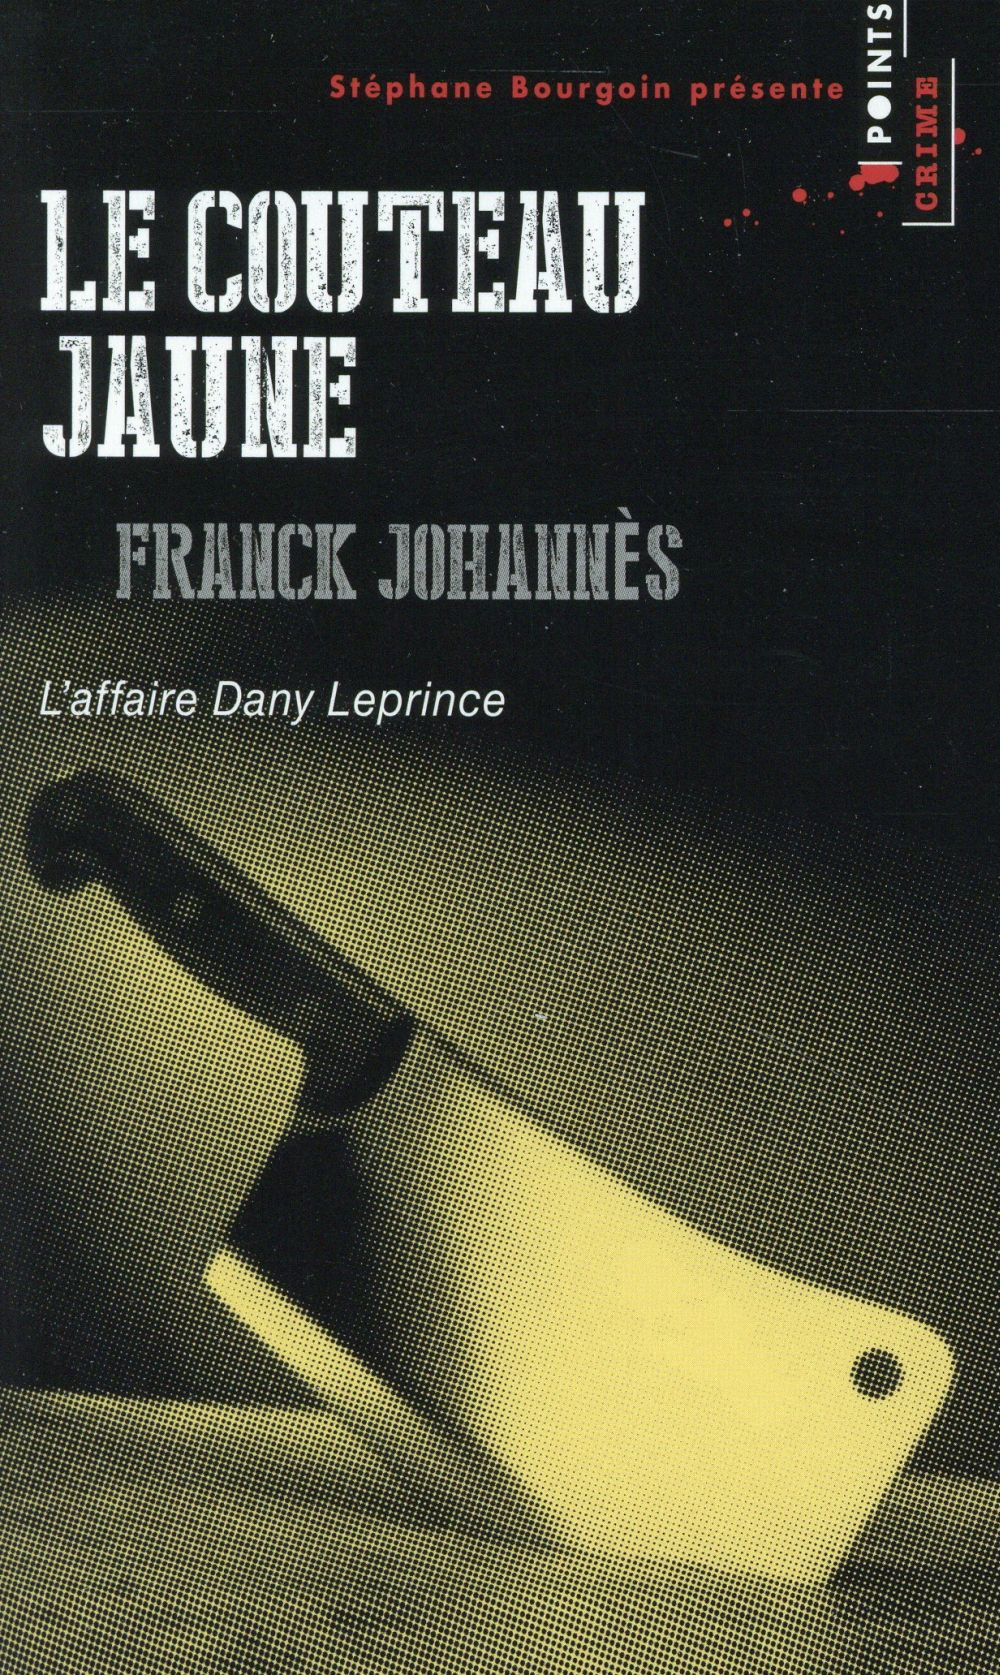 Le couteau jaune ; l'affaire Dany Leprince